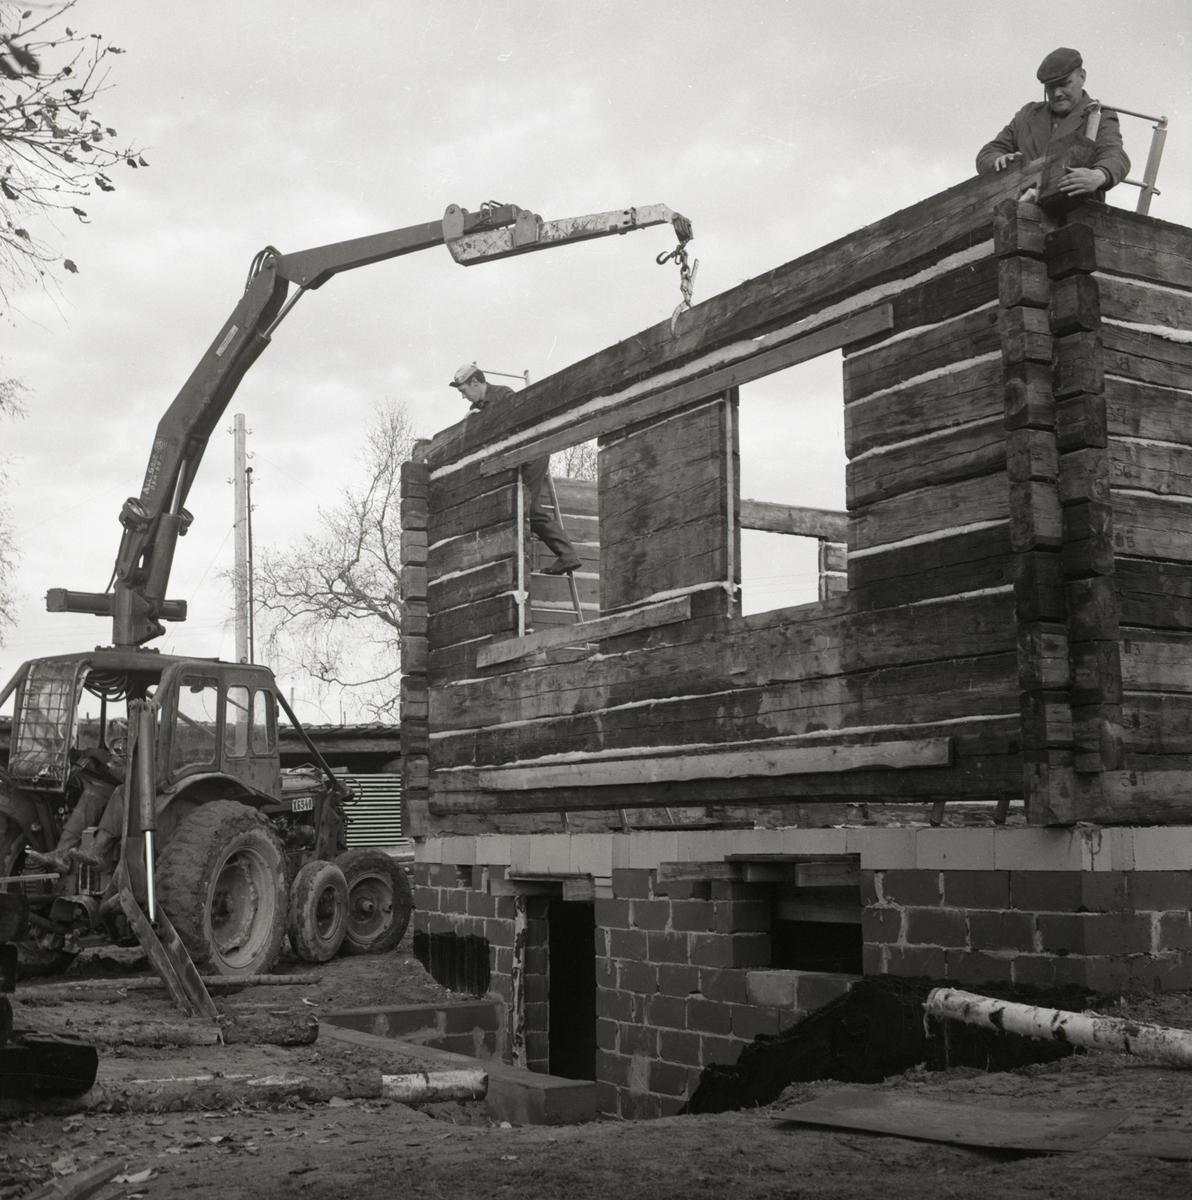 Ett nytt bostadshus av timmer monteras ihop med hjälp av en traktor vid gården Sunnanåker, 1967.